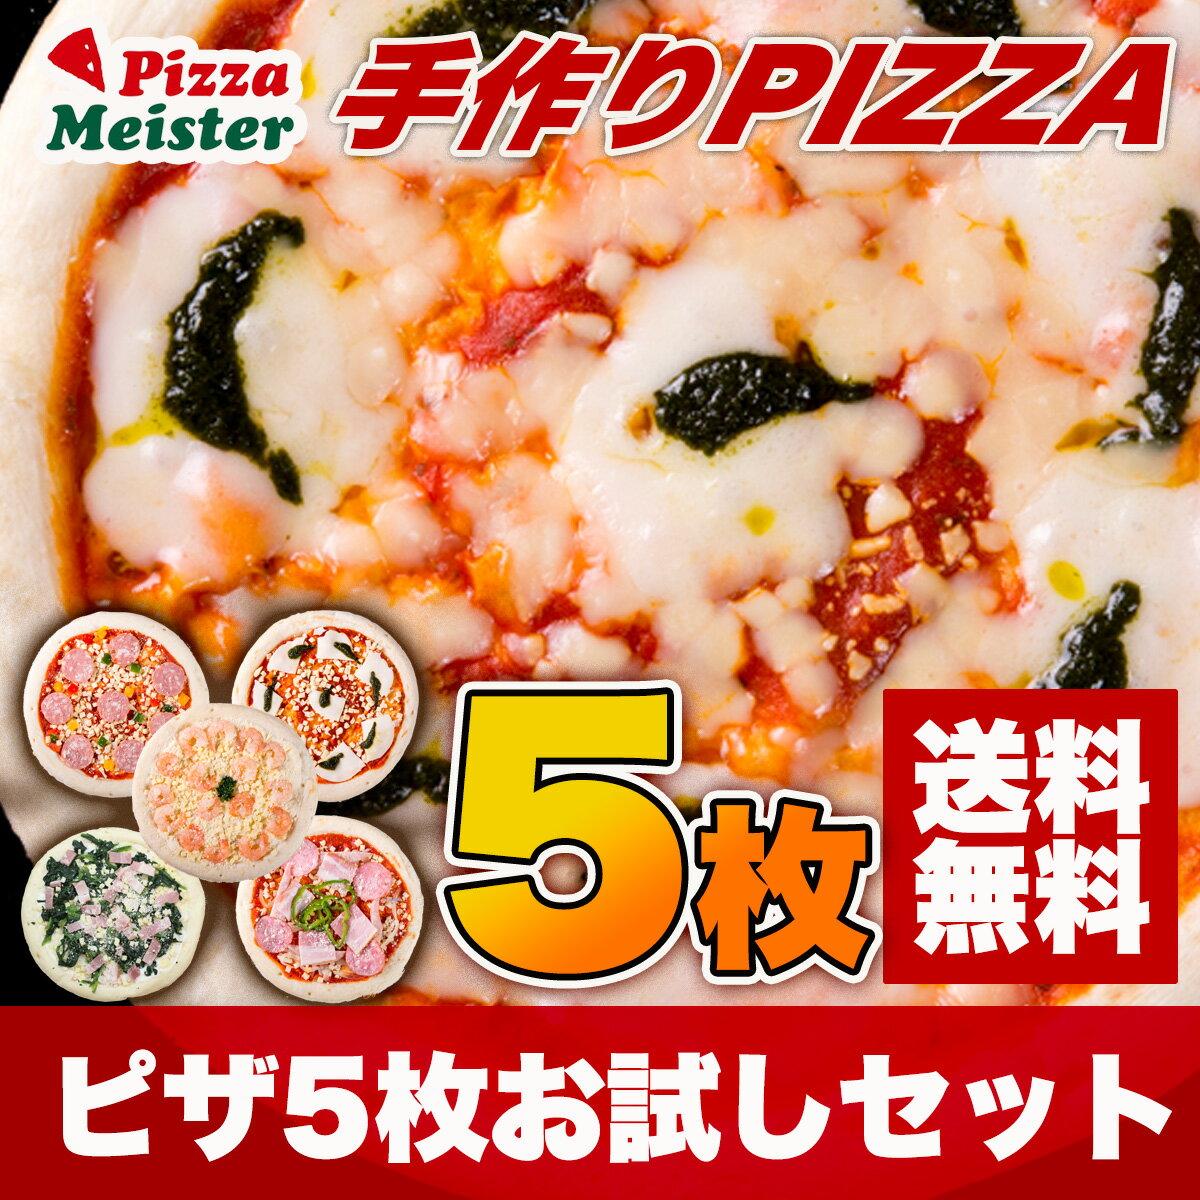 ピザ 冷凍 手作りピザ5枚 お試しセット 5枚入り マルゲリータ ベーコンほうれん草ピザ 自家製粗挽きポークビザ ミックスピザ クリーミー海老グラタンピザ 恵那 銀の森手作りピザ 簡単調理で美味しいピザ